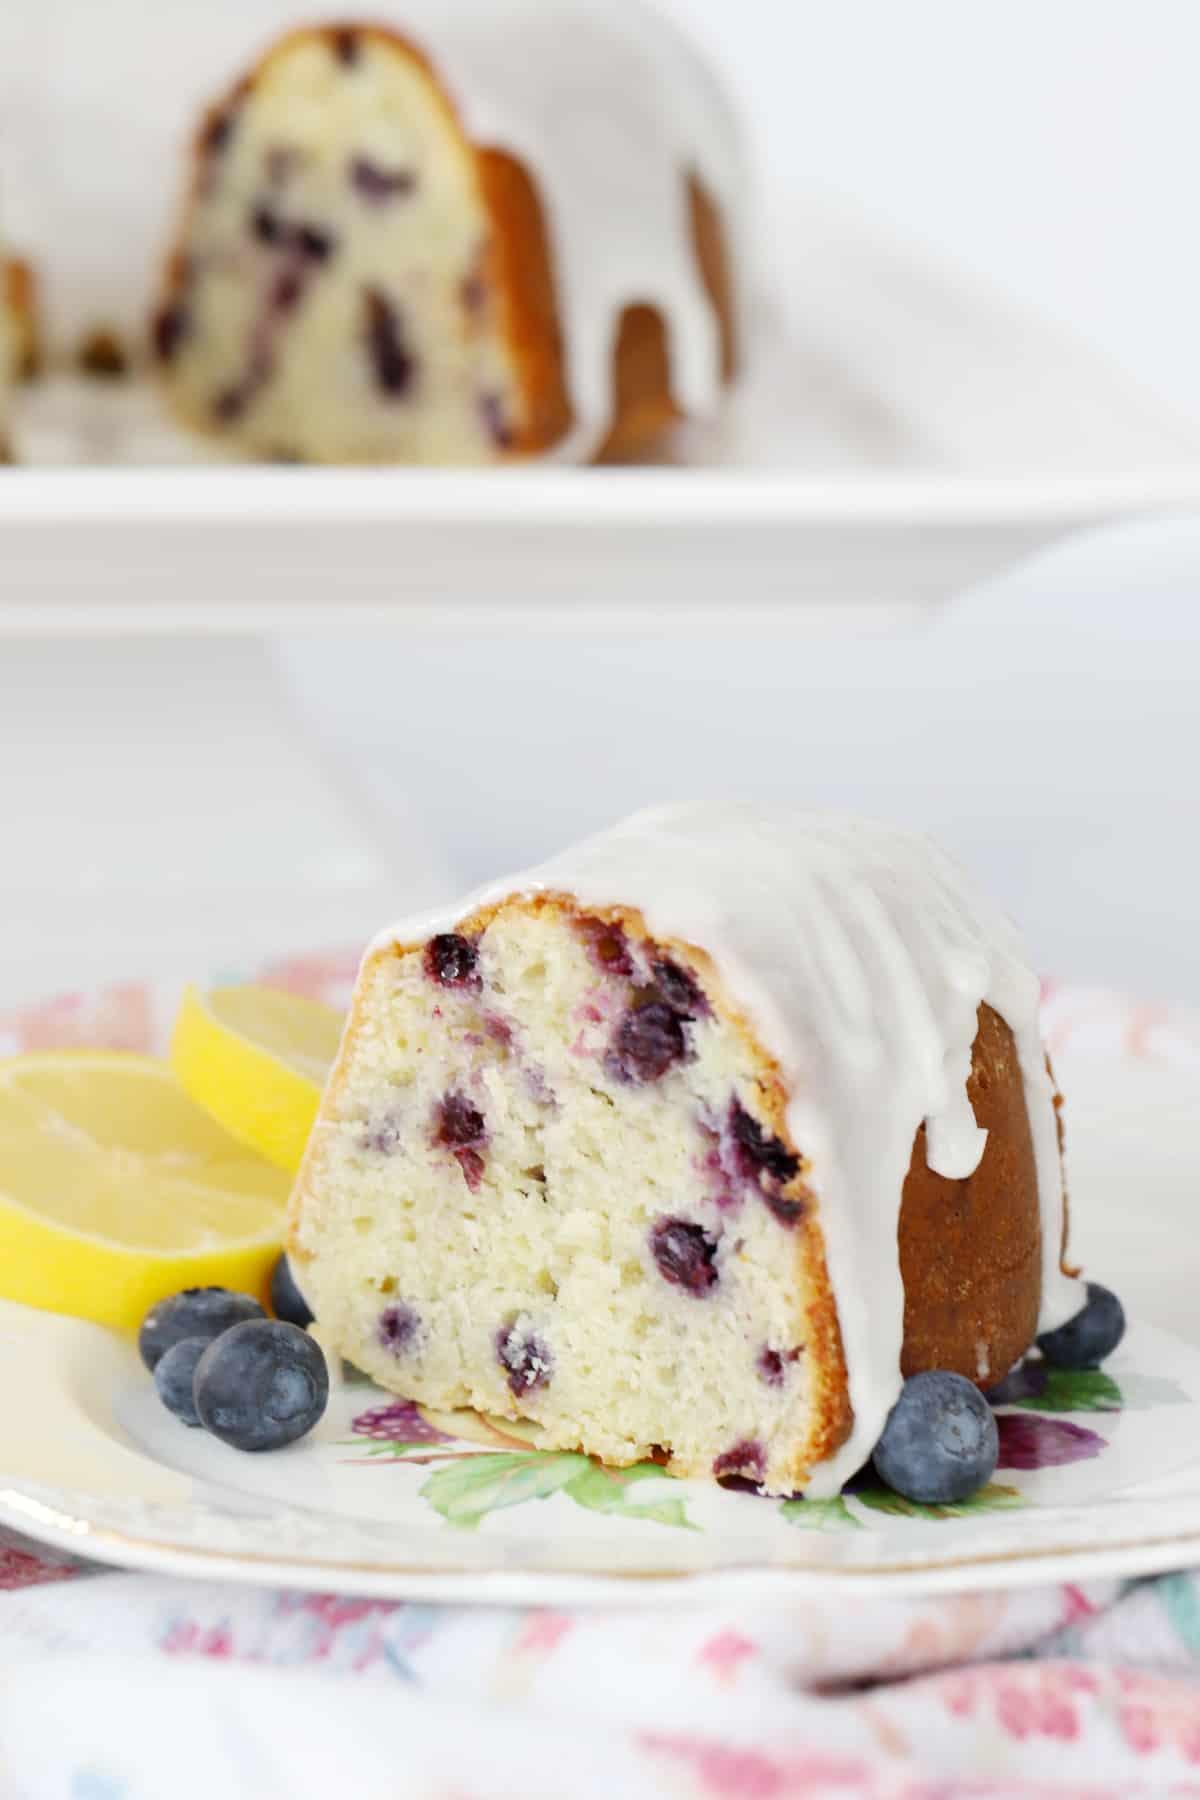 A slice of glazed blueberry bundt cake on a decorative place.